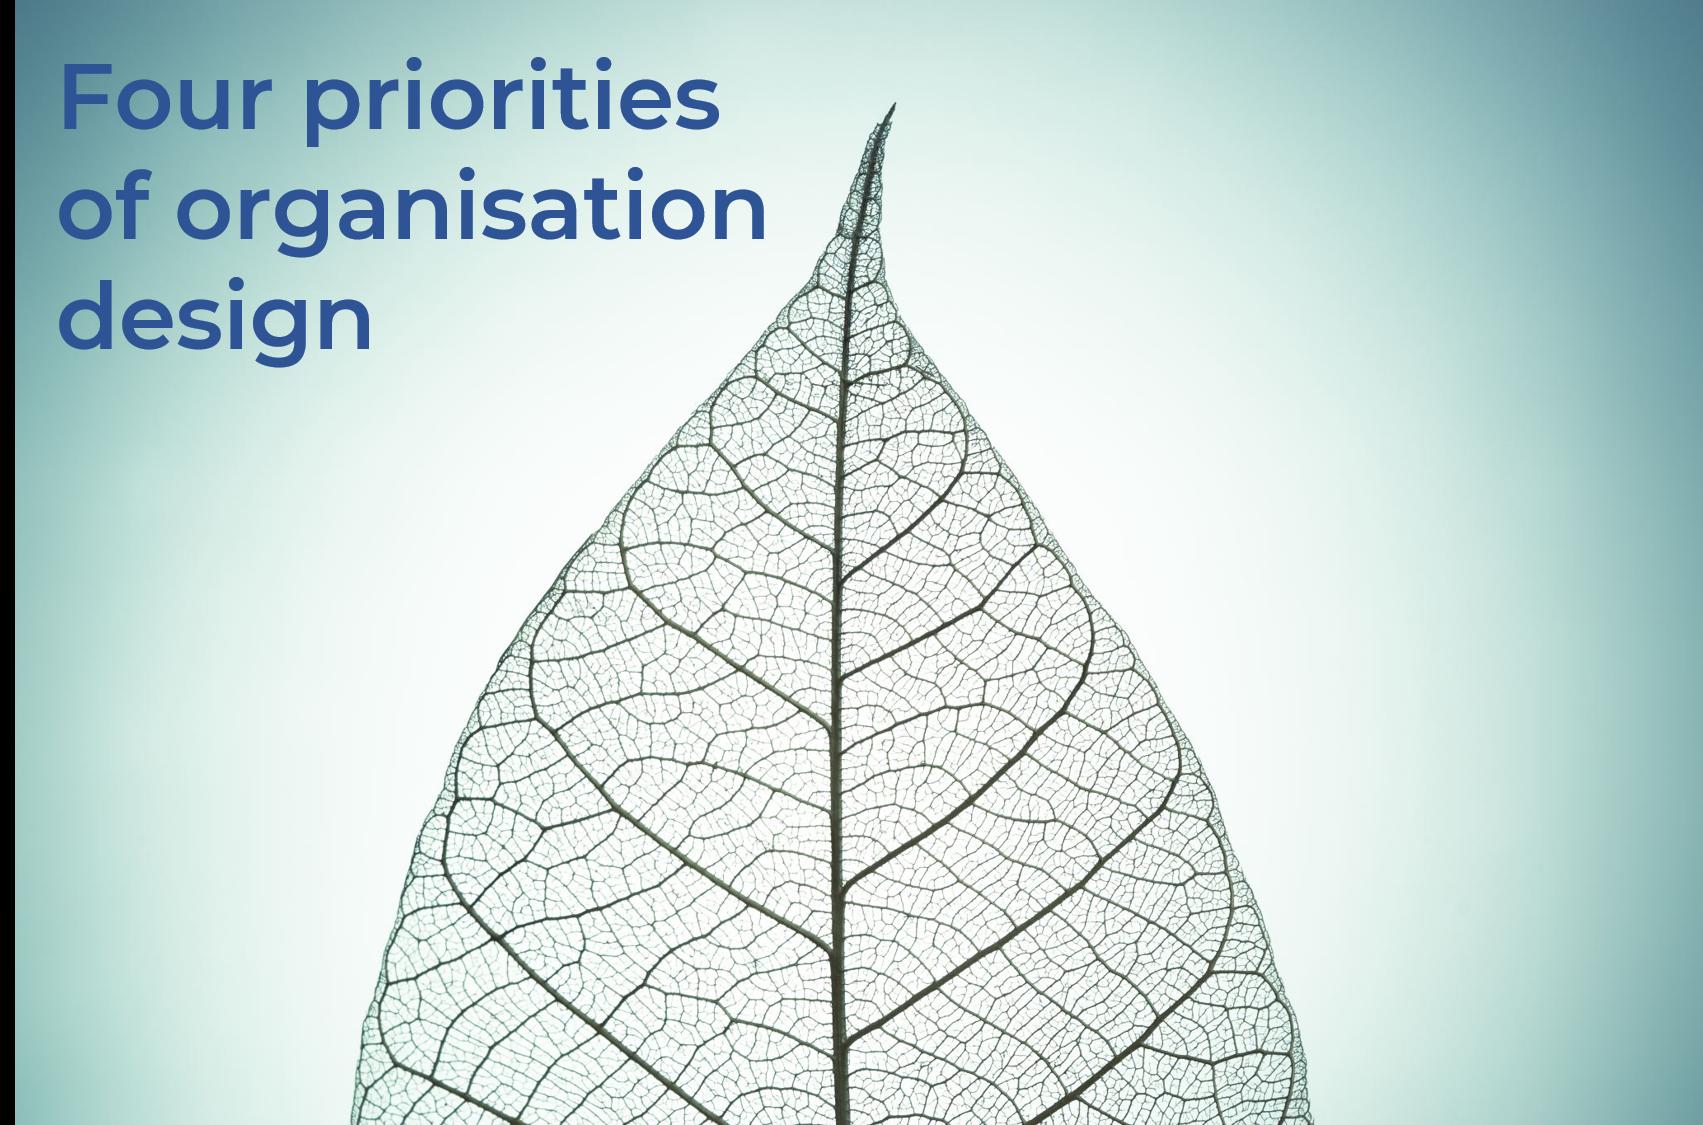 Four priorities of organisation design